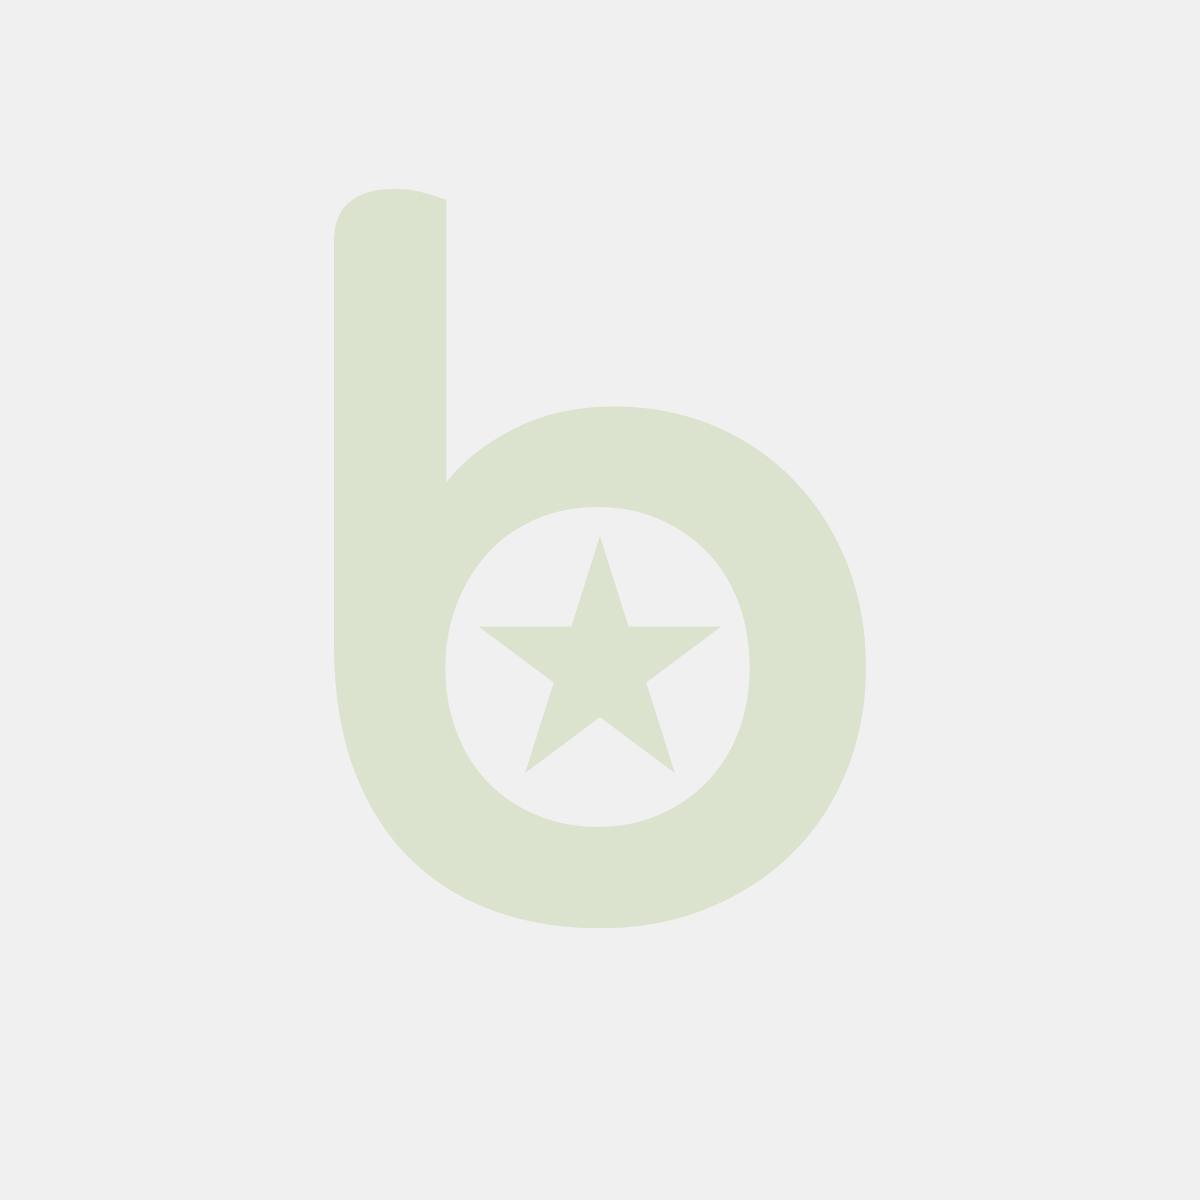 Pucharek FINGERFOOD biały, szer/dł/wys: 5,7/5,8/5,7 cm PS, 25 szt. w opakowaniu